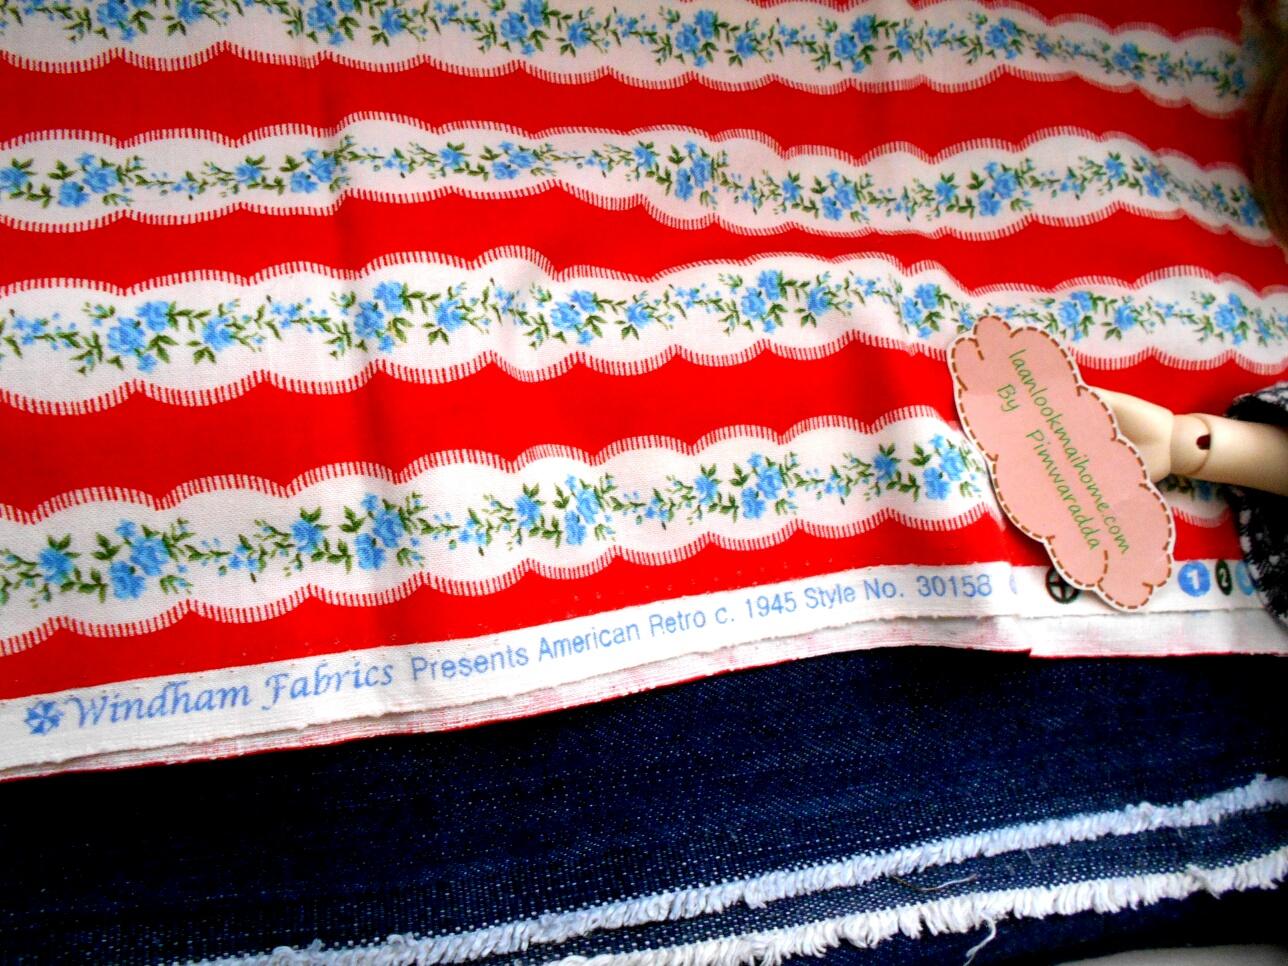 ผ้าcotton สั่งจาก USA ลายกุหลาบ 27x45 cm+ผ้ายีนส์ขนาด 30x50cm สั่งหลายจำนวนผ้าต่อกันค่ะไม่ตัดแยกค่ะ